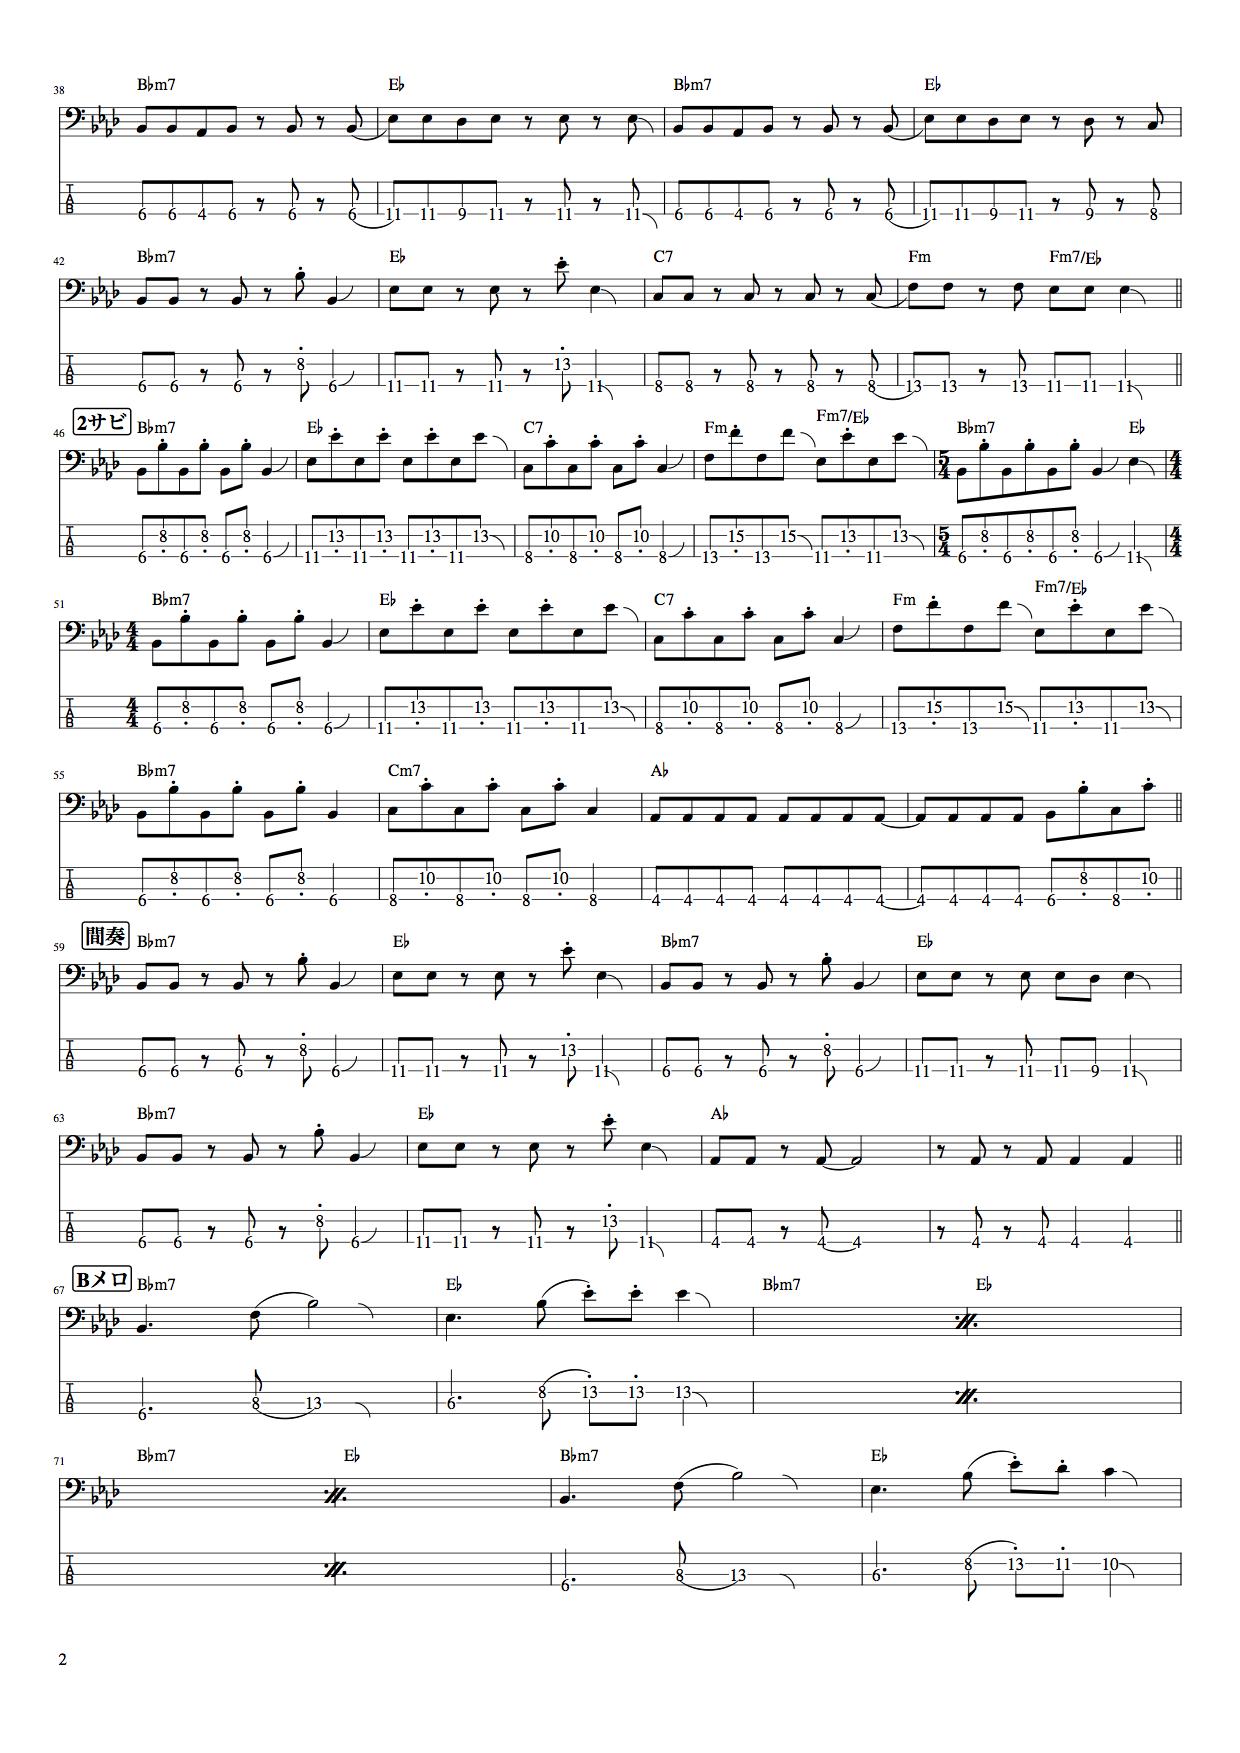 シャングリラ,ベースTAB譜2